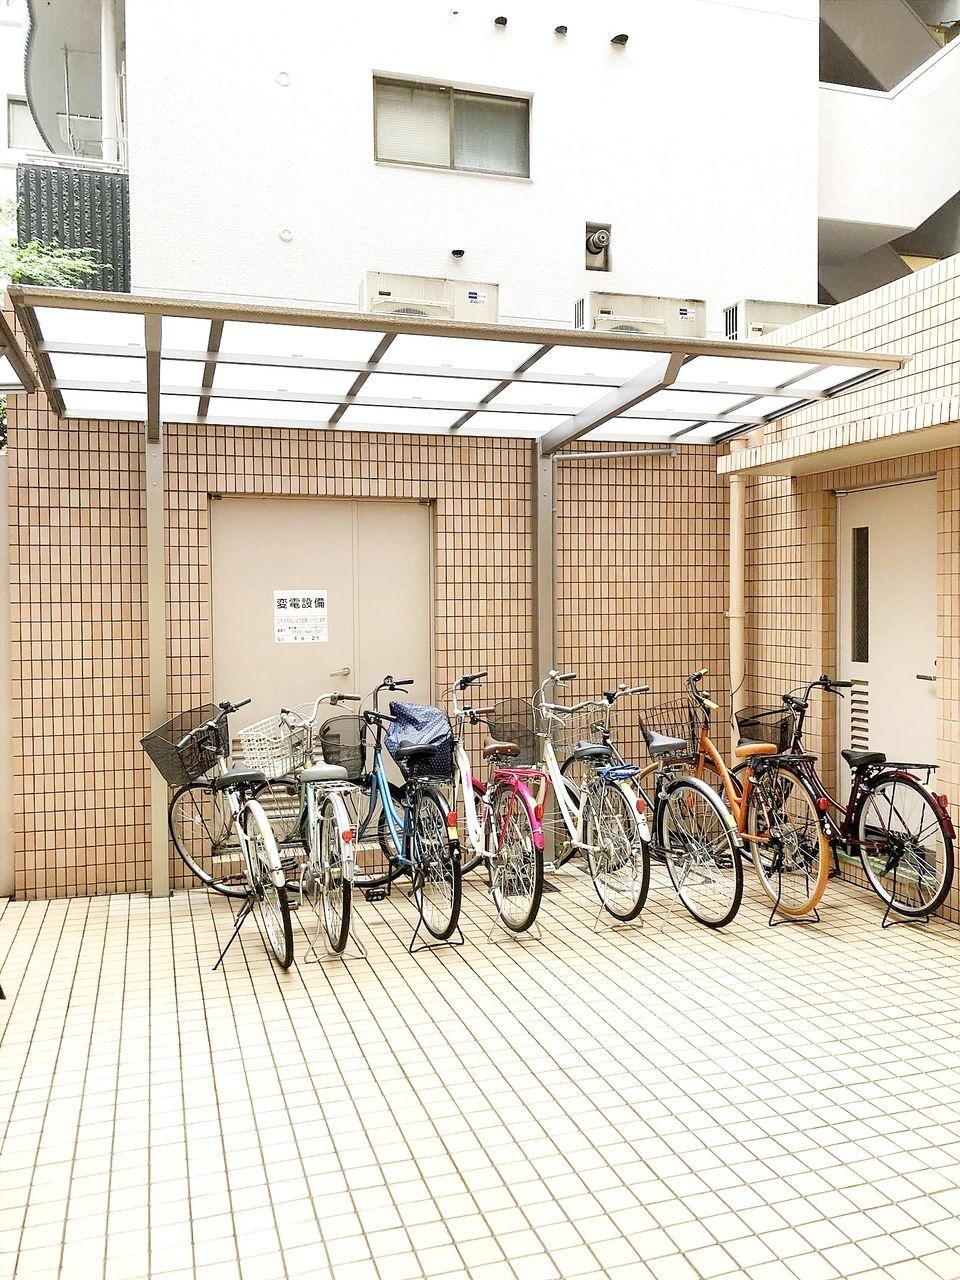 池袋の貸事務所 アゼリア青新ビルの自転車置き場です。各室1台まで無料です。2015年に雨除けを設置しました。